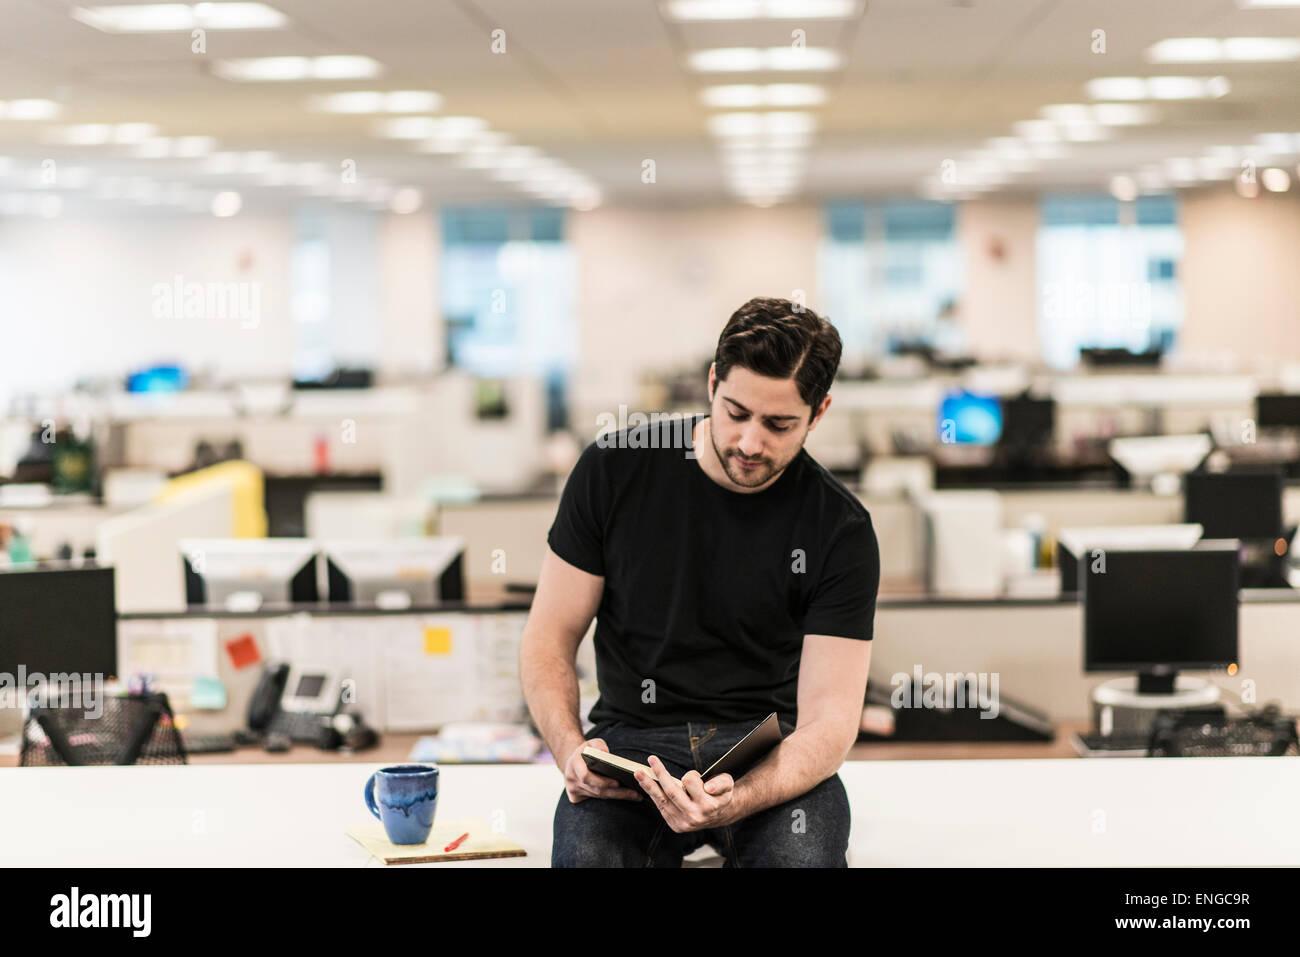 Un hombre sentado en una mesa en una oficina mirando un libro o diario. Imagen De Stock